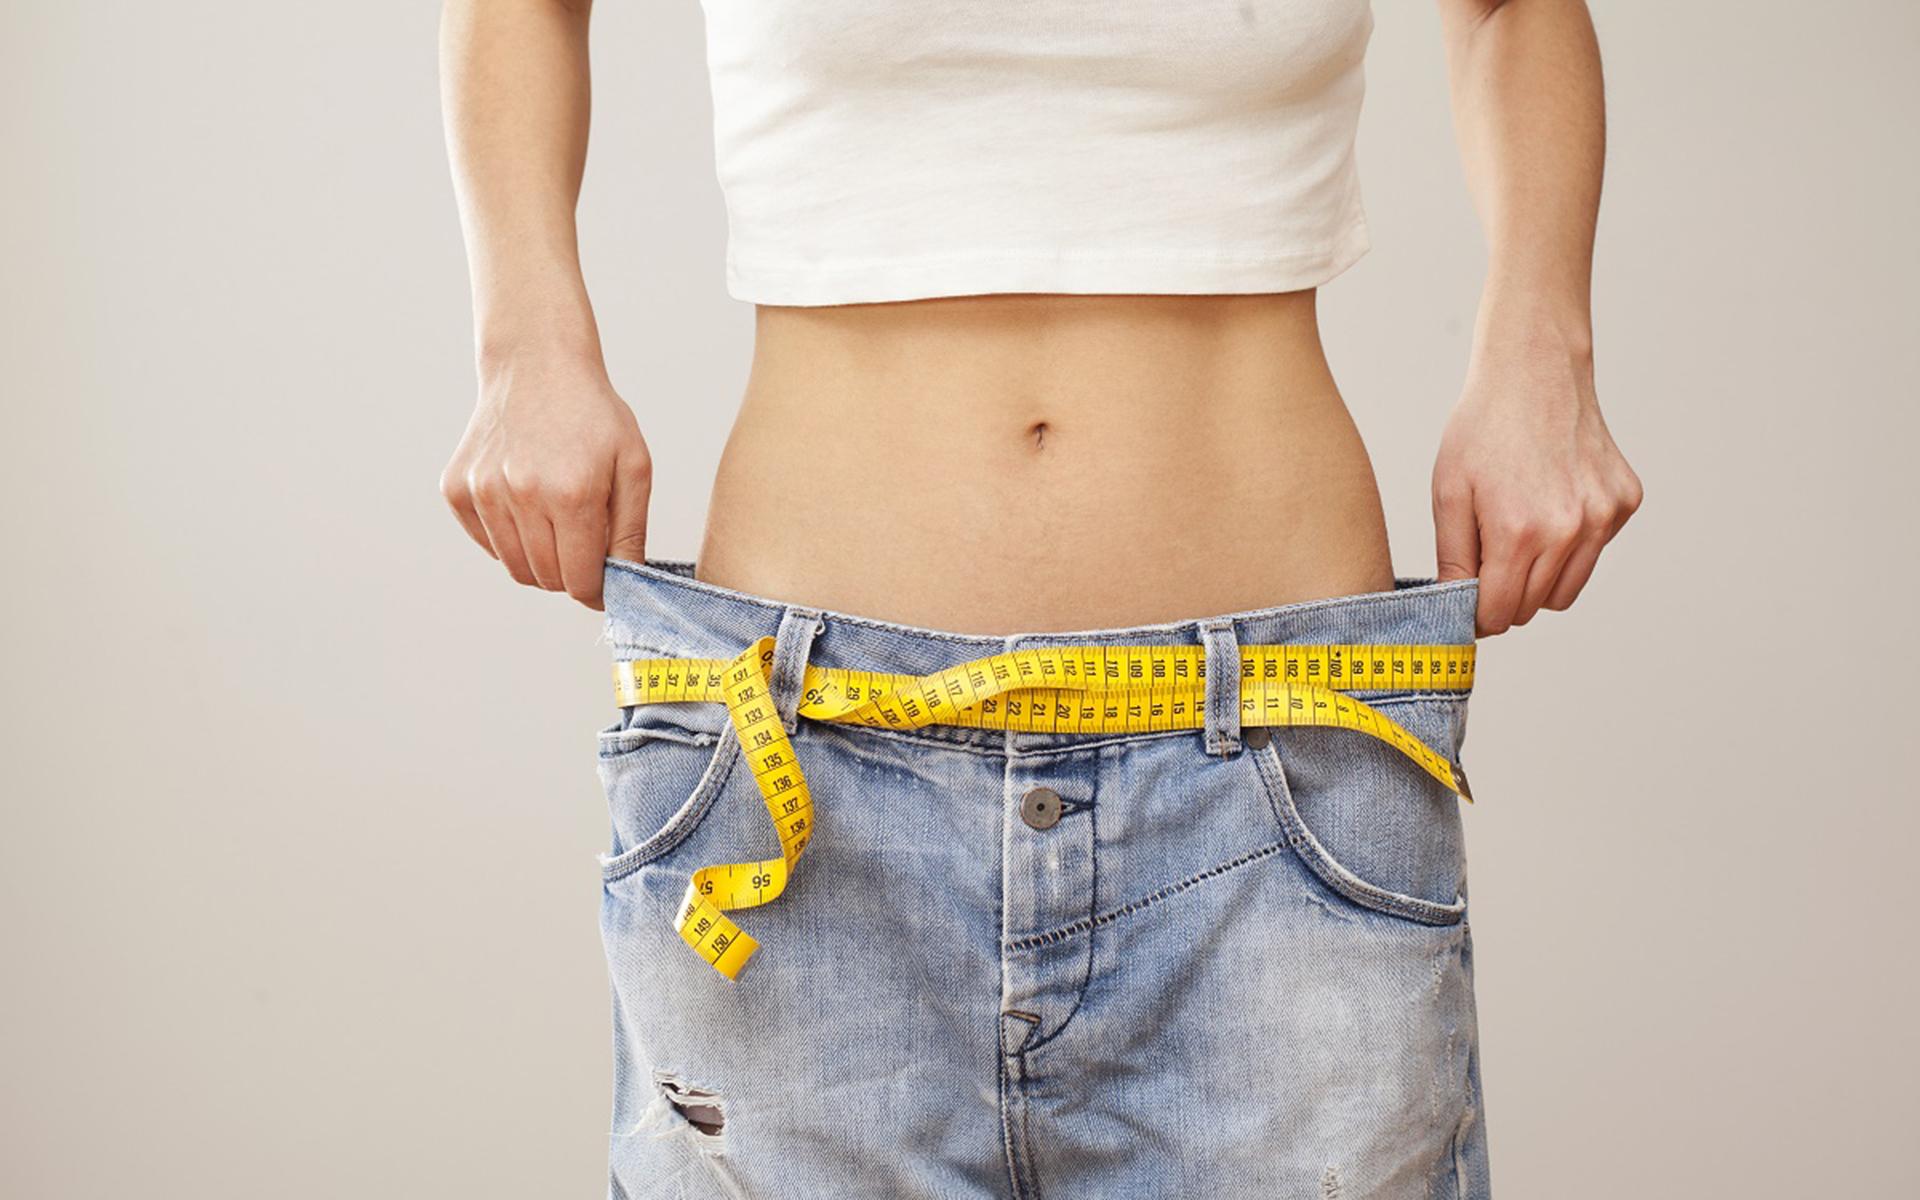 vreau să ard grăsimea corporală documentar pentru pierderea în greutate